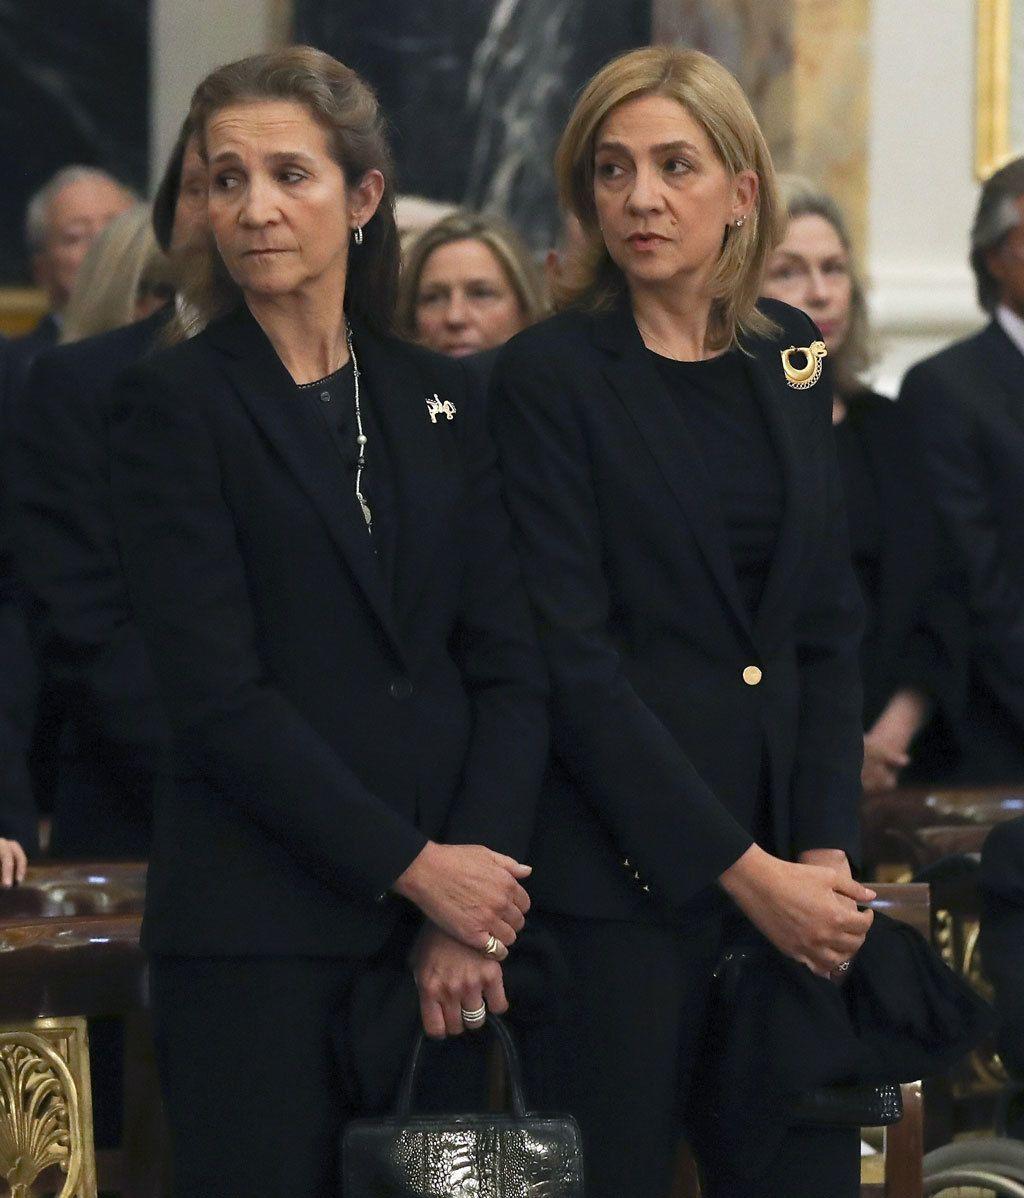 La familia real, unida de nuevos: la infanta Cristina regresa a la vida pública en el funeral por Alicia de Borbón